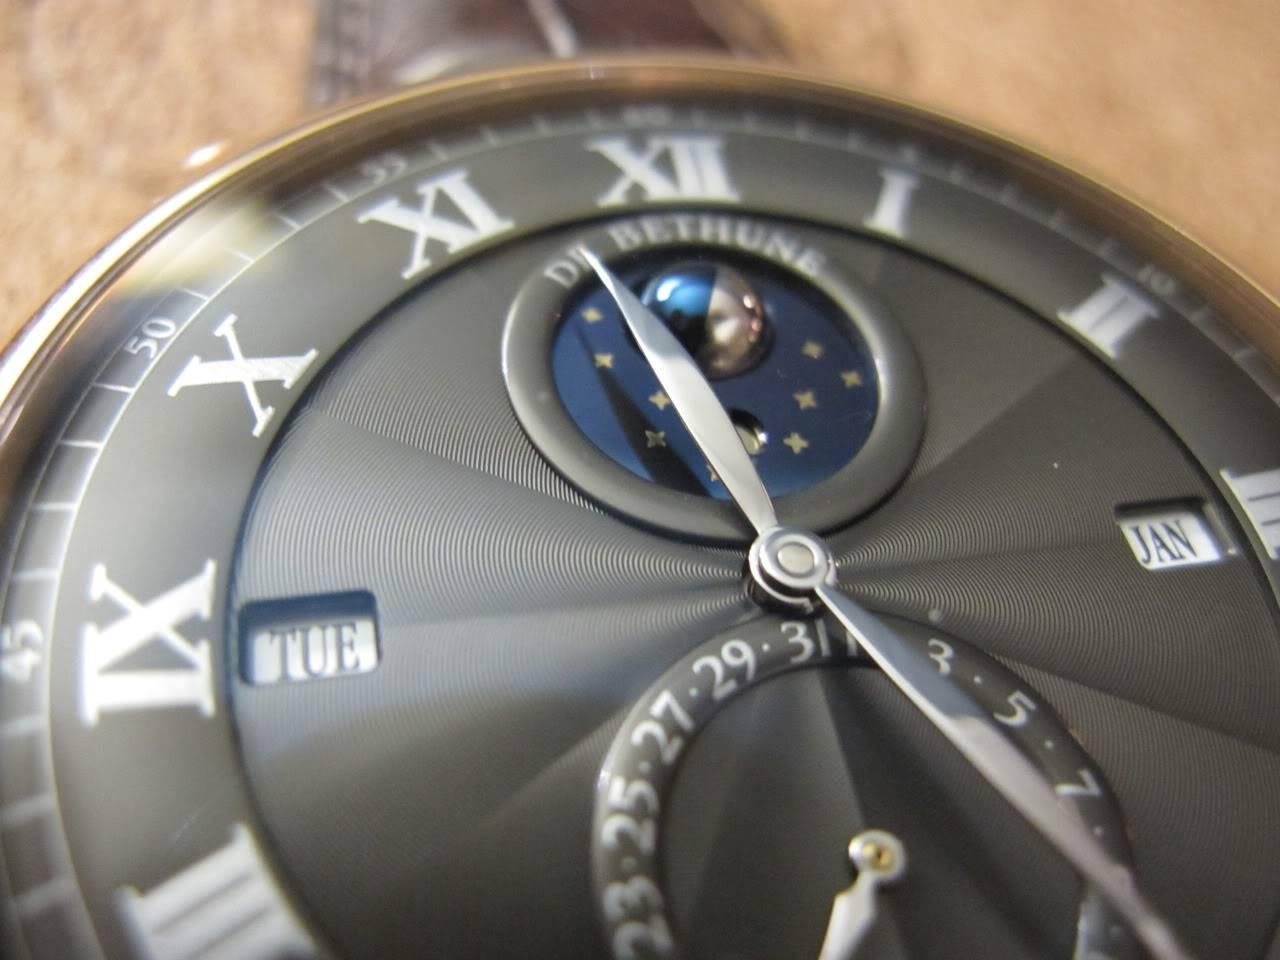 Où l'horlogerie devient art... (De Bethune inside) - Page 2 DB_SIHH2010_019